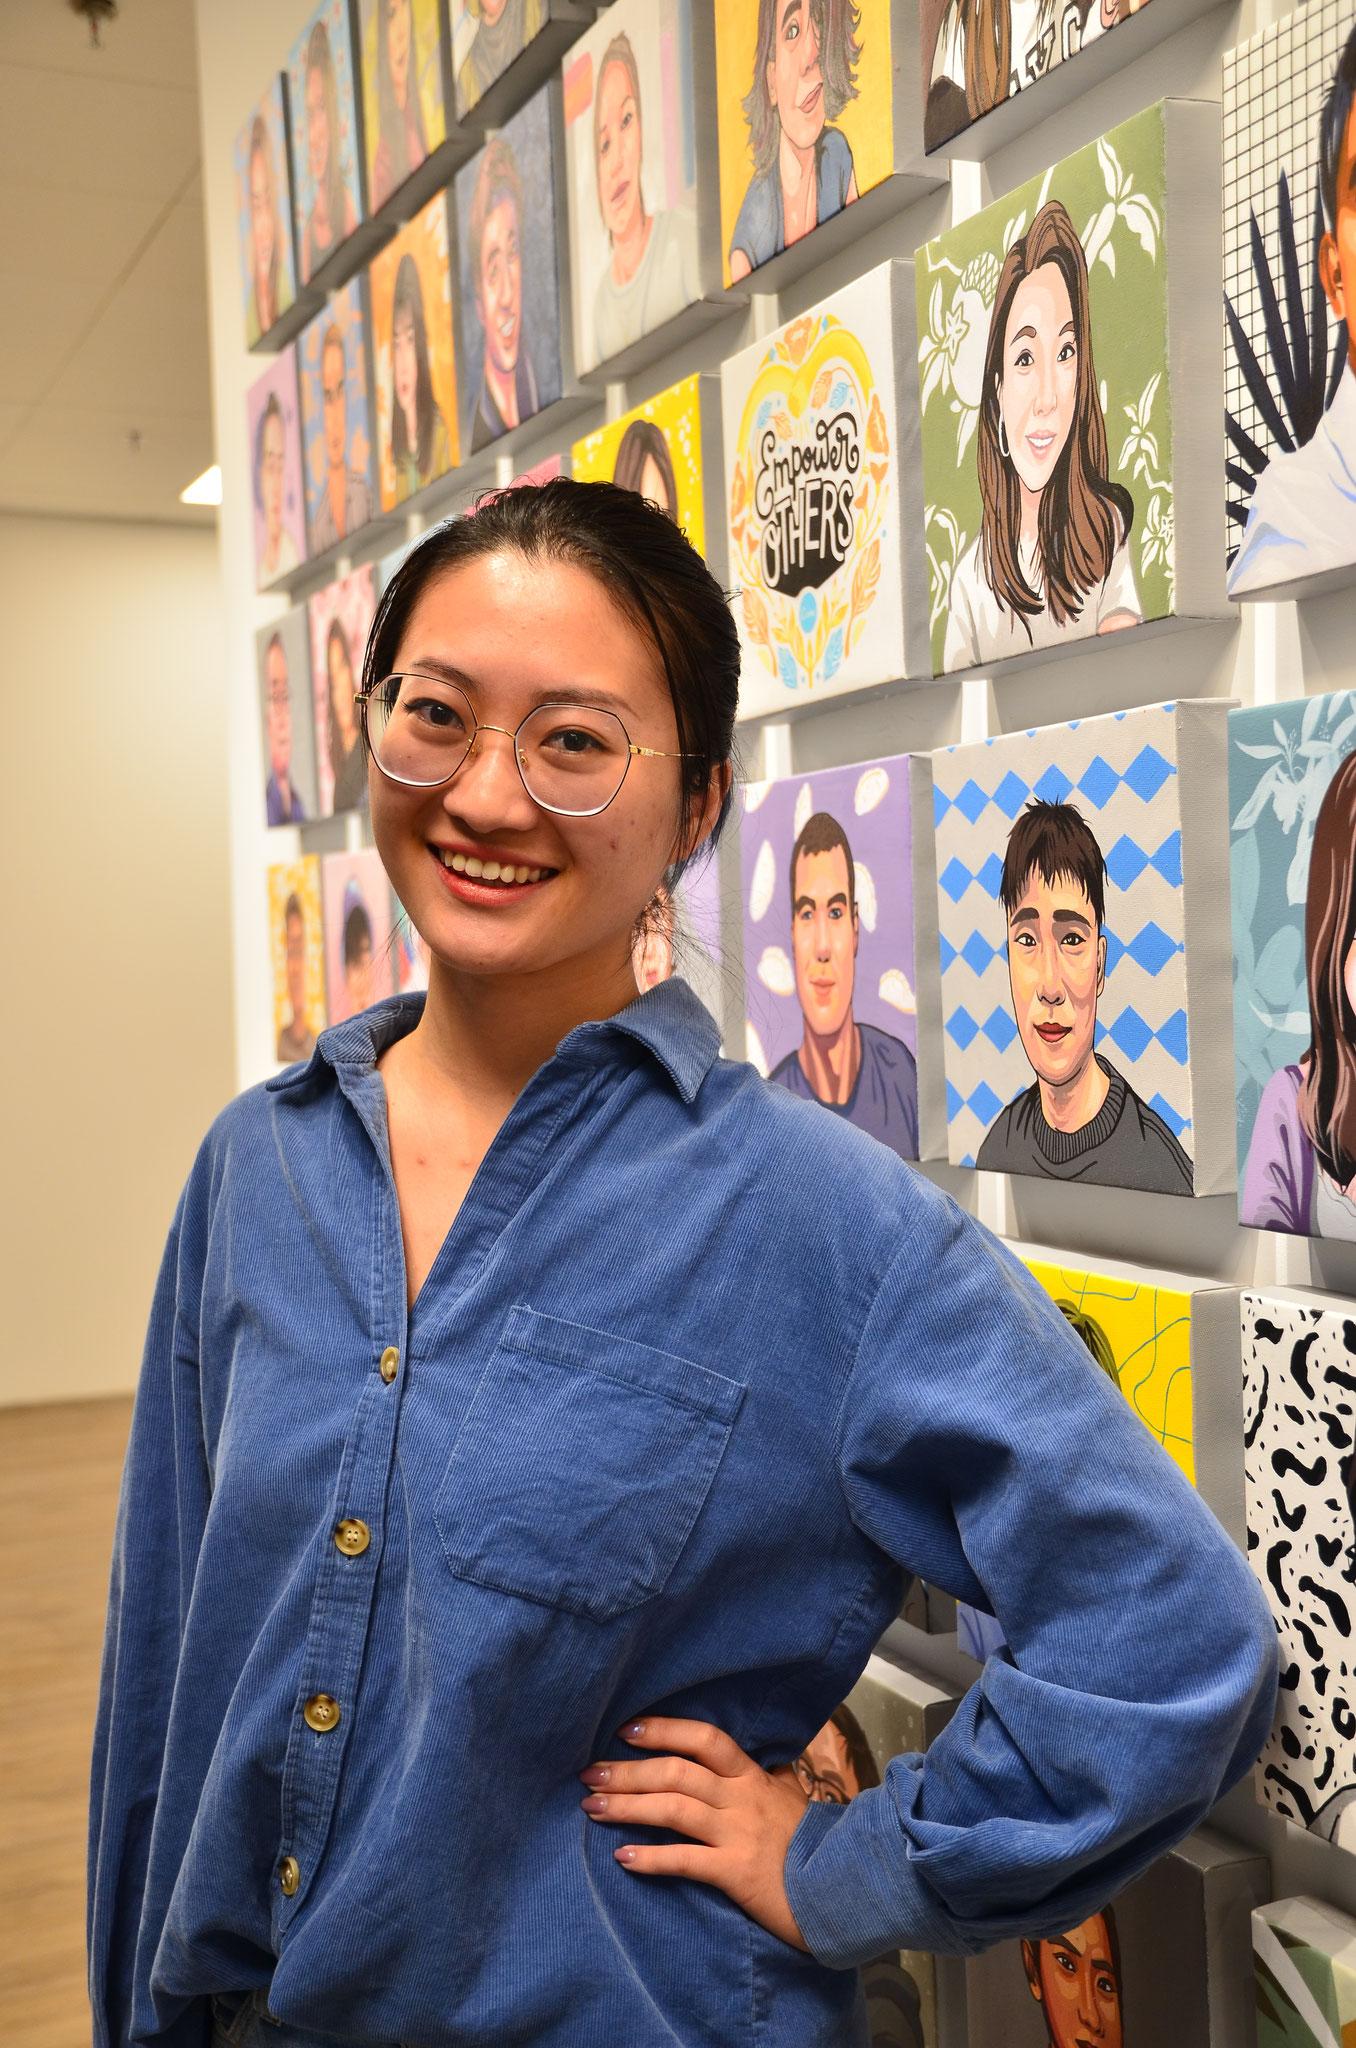 Marketing Lead, Canva China, Olivia Cheng